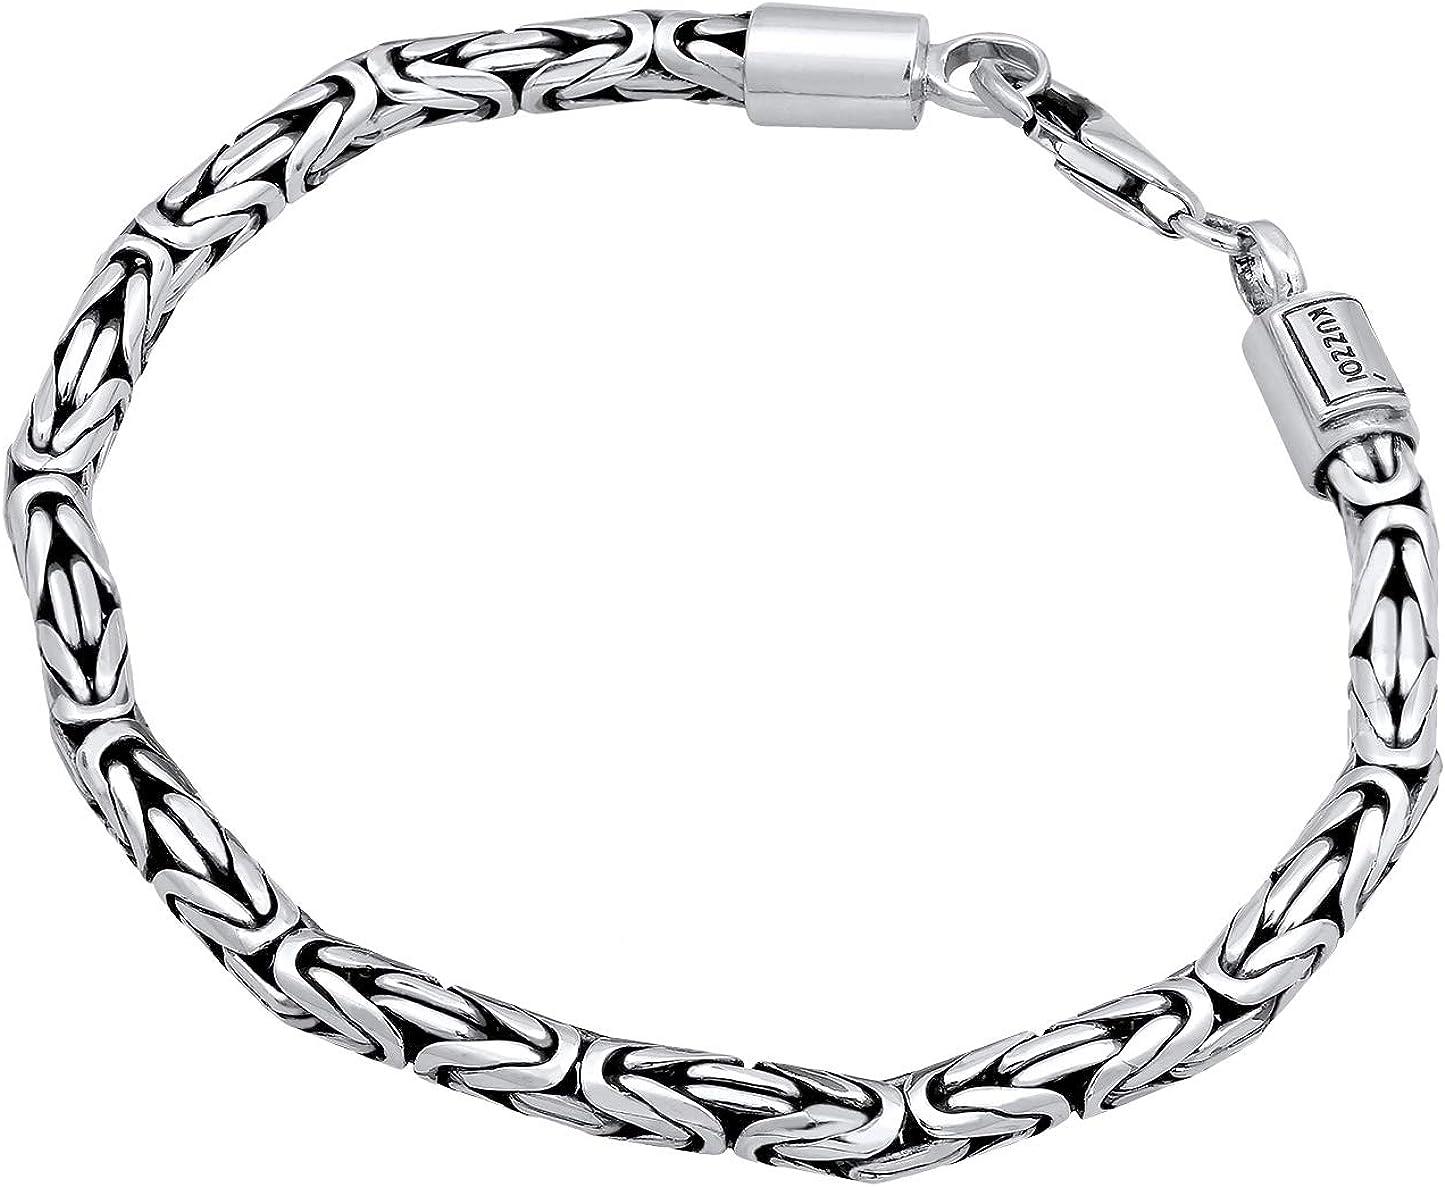 Kuzzoi 345051 Cha/îne byzantine en argent sterling 925 pour homme /Épaisseur 5 mm Longueur 50 cm//60 cm Avec bo/îte /à bijoux